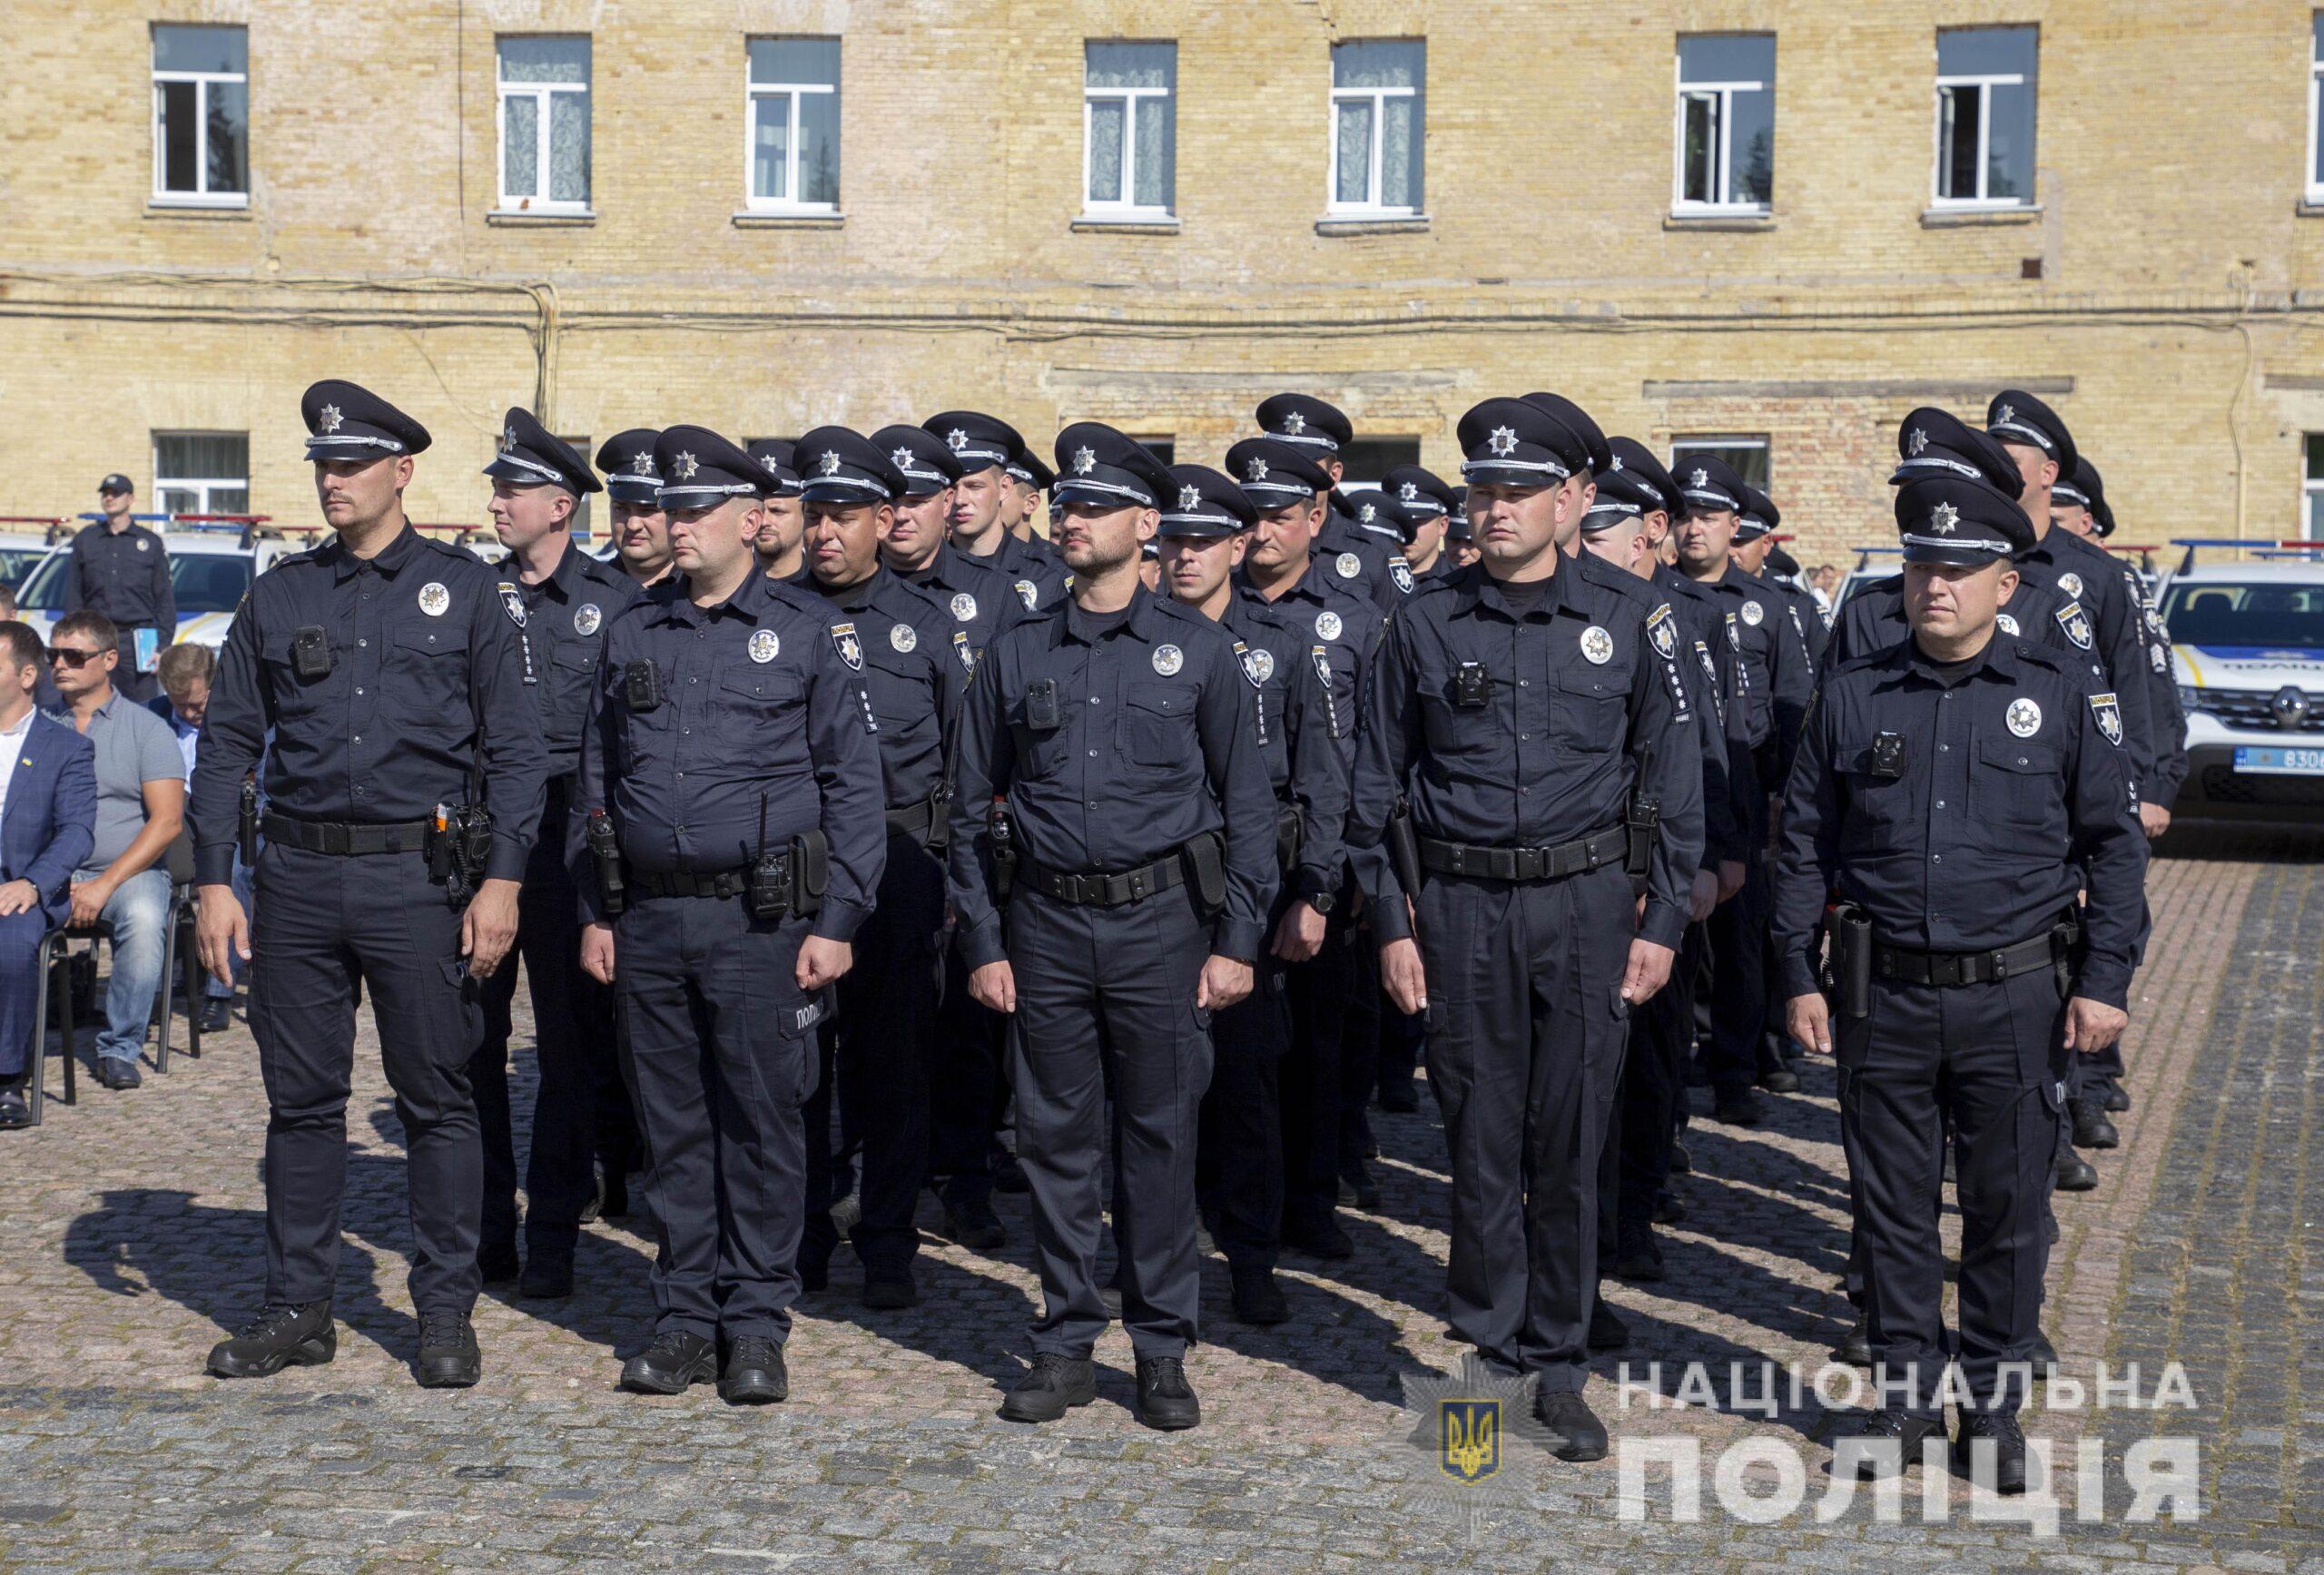 Полицейские офицеры общины приобщаются к проекту «Безопасное детство» — Игорь Клименко